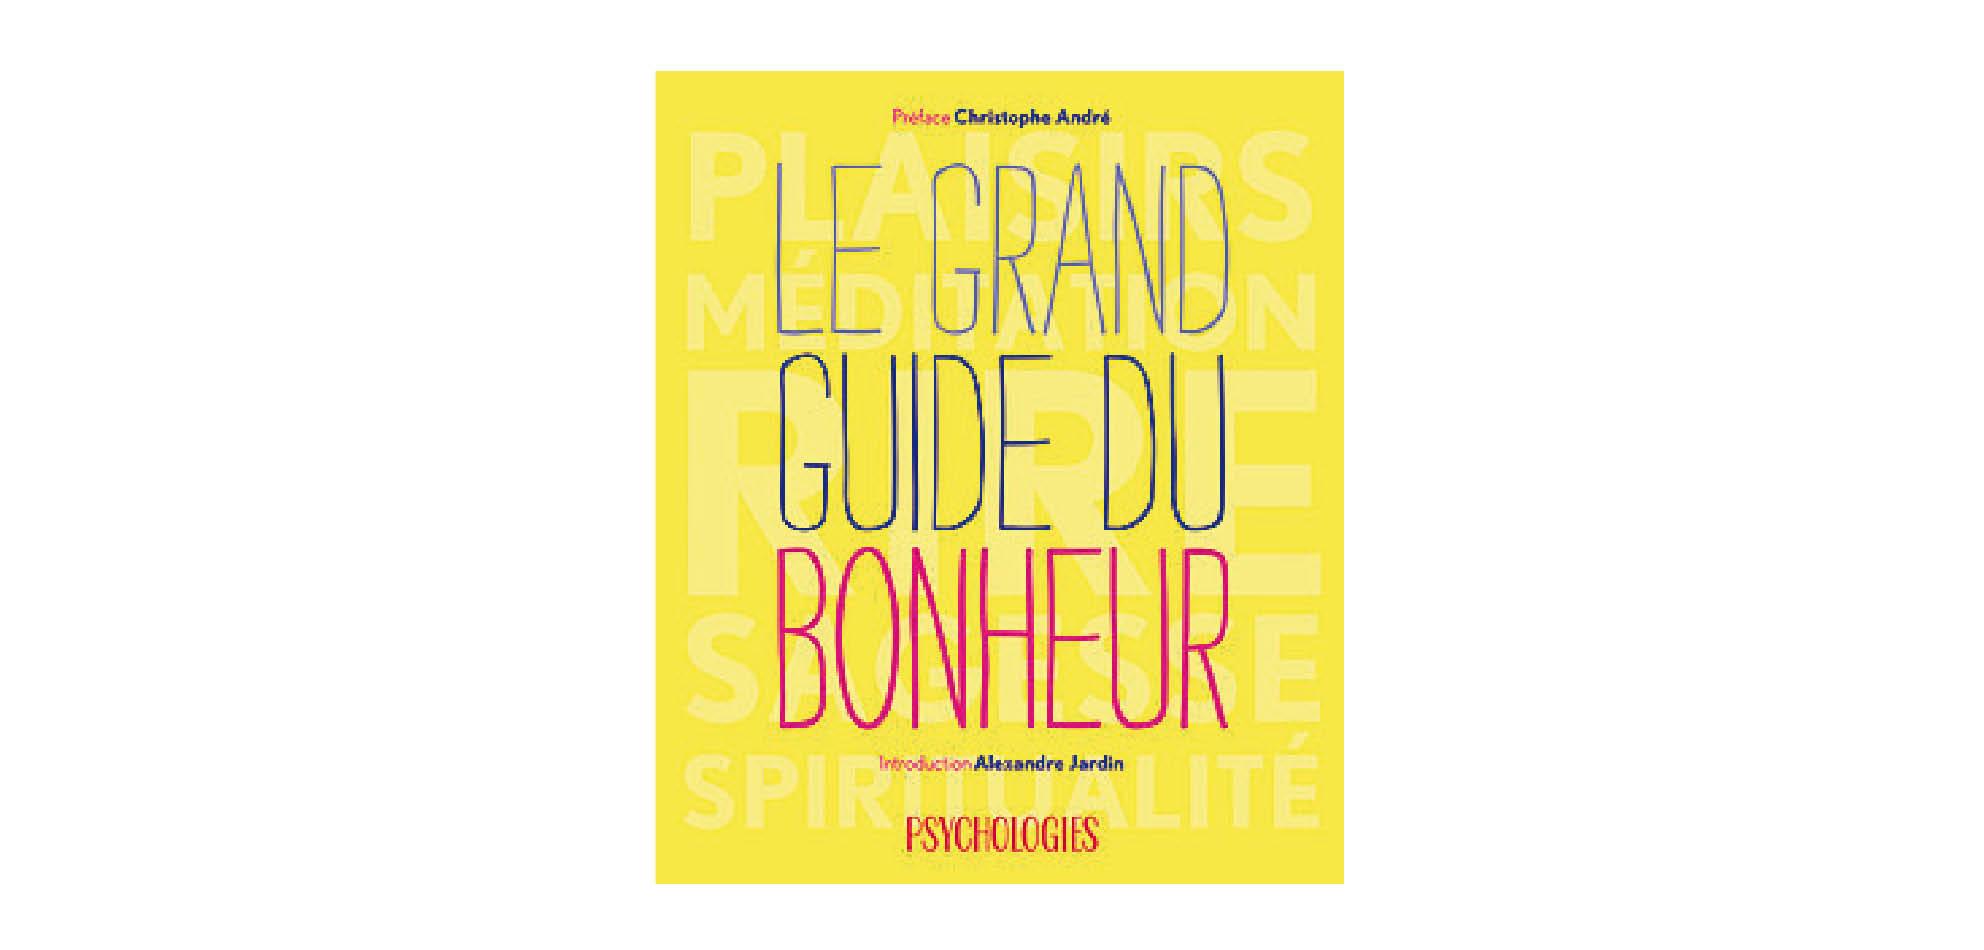 Pr face de christophe andre introduction d alexandre for Alexandre jardin 2015